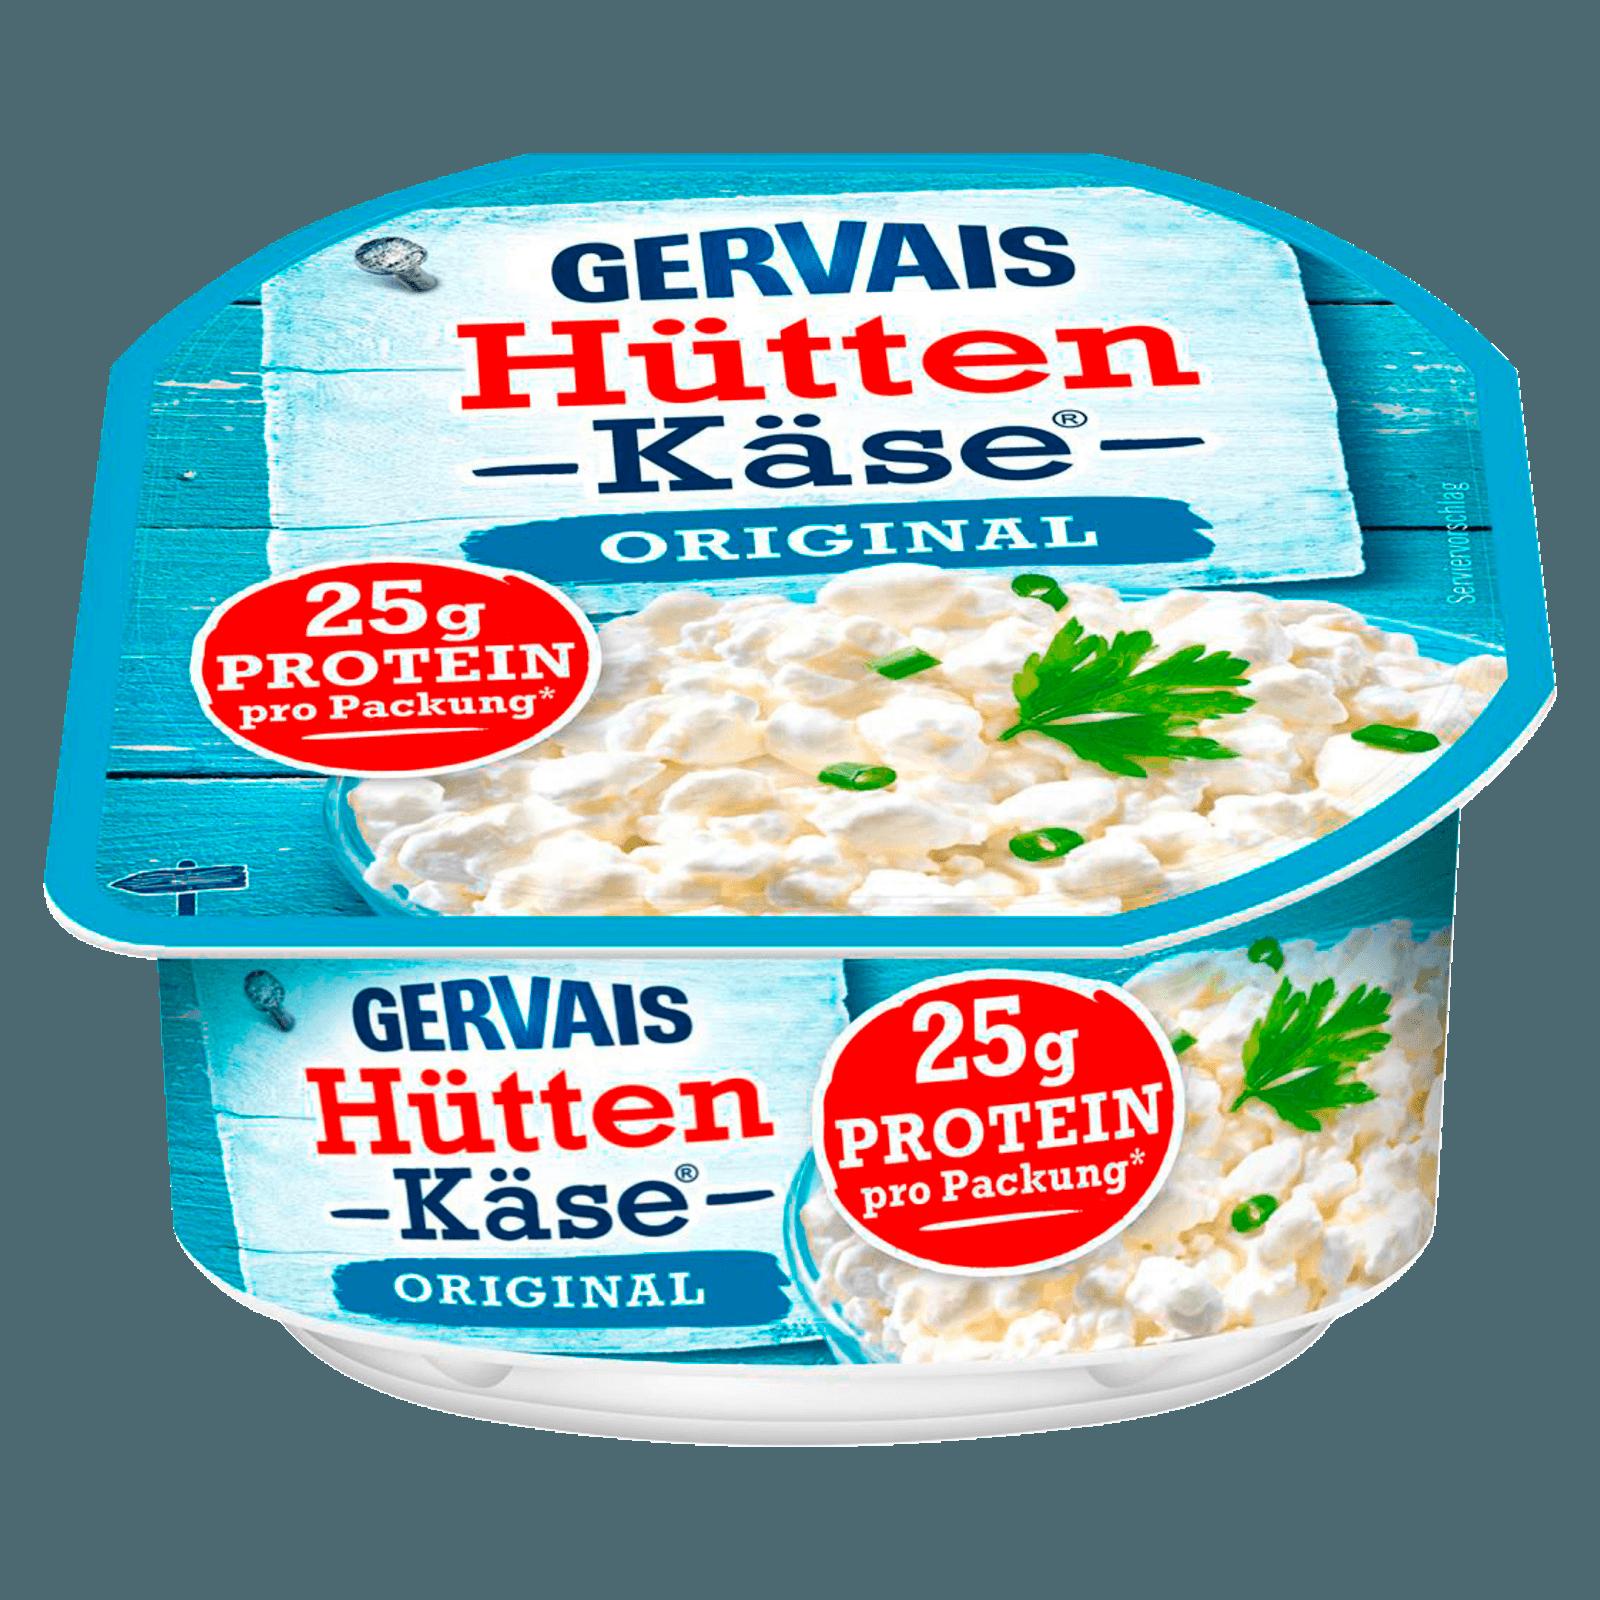 Gervais Huttenkase 200g Bei Rewe Online Bestellen